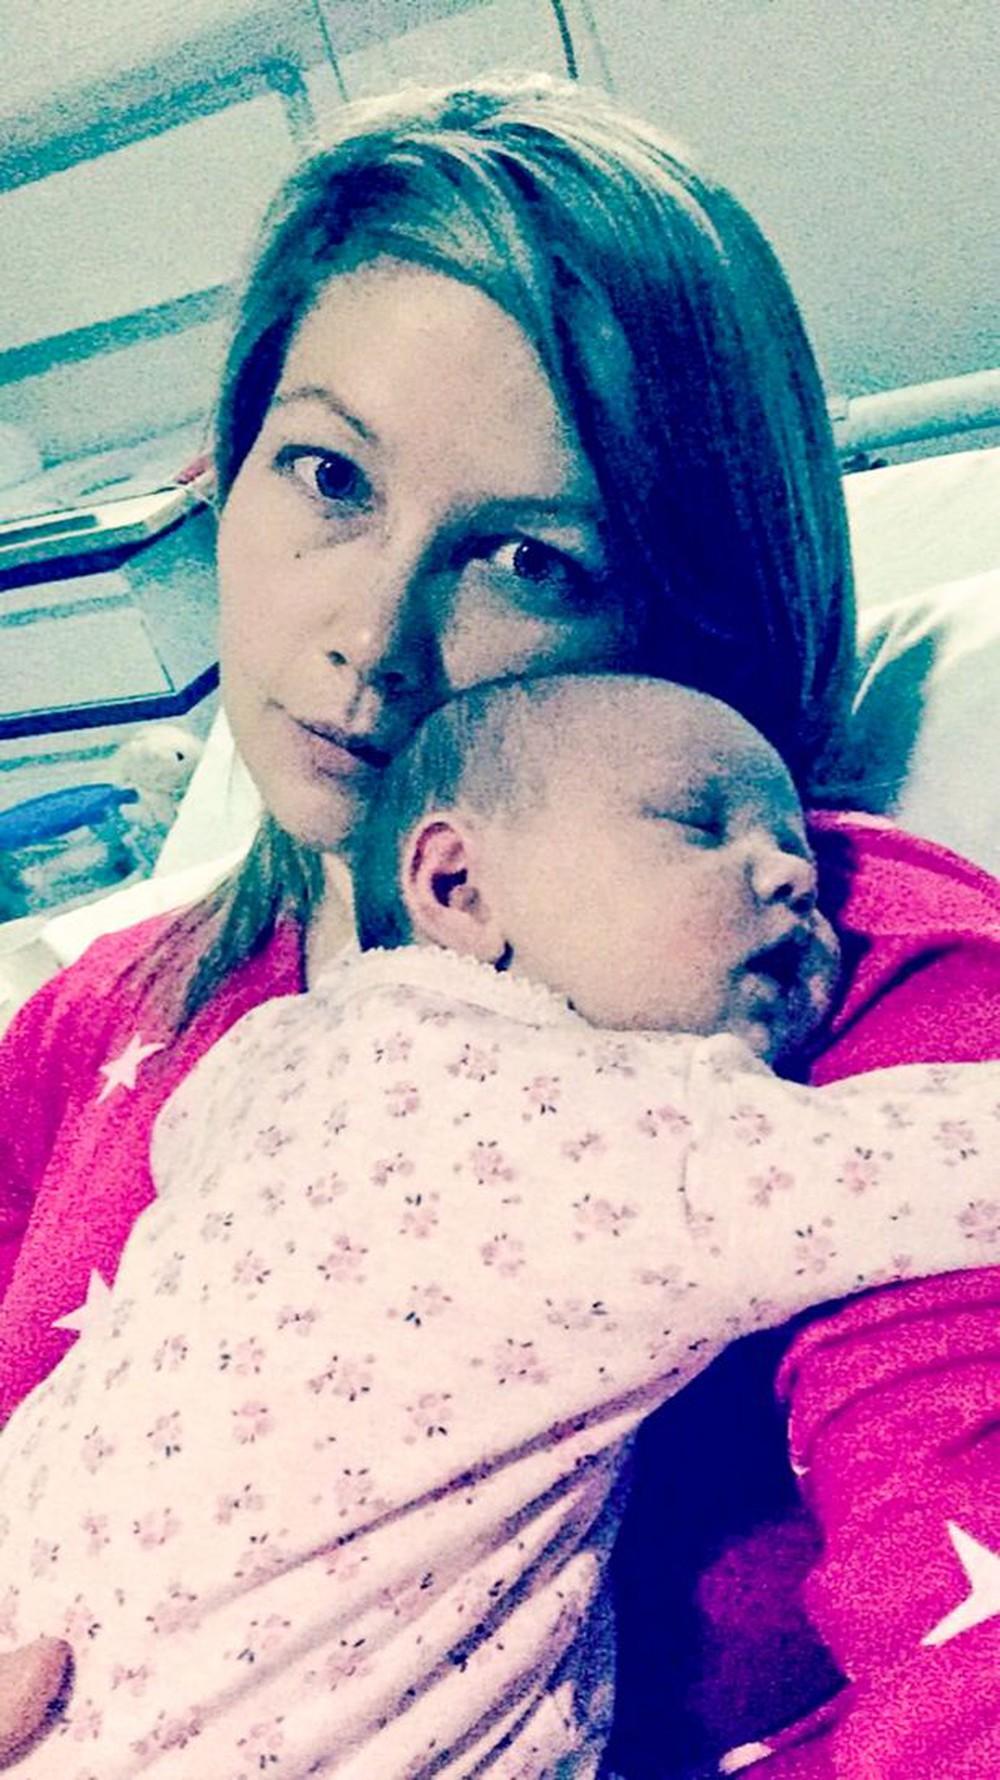 Մեքենայով 2 ժամ ճանապարհ գնալուց հետո ծնողները նկատեցին, որ երեխան չի շնչում և բերանից փրփուր էր գալիս․Բժիշկները զգուշացնում են բոլոր ծնողներին